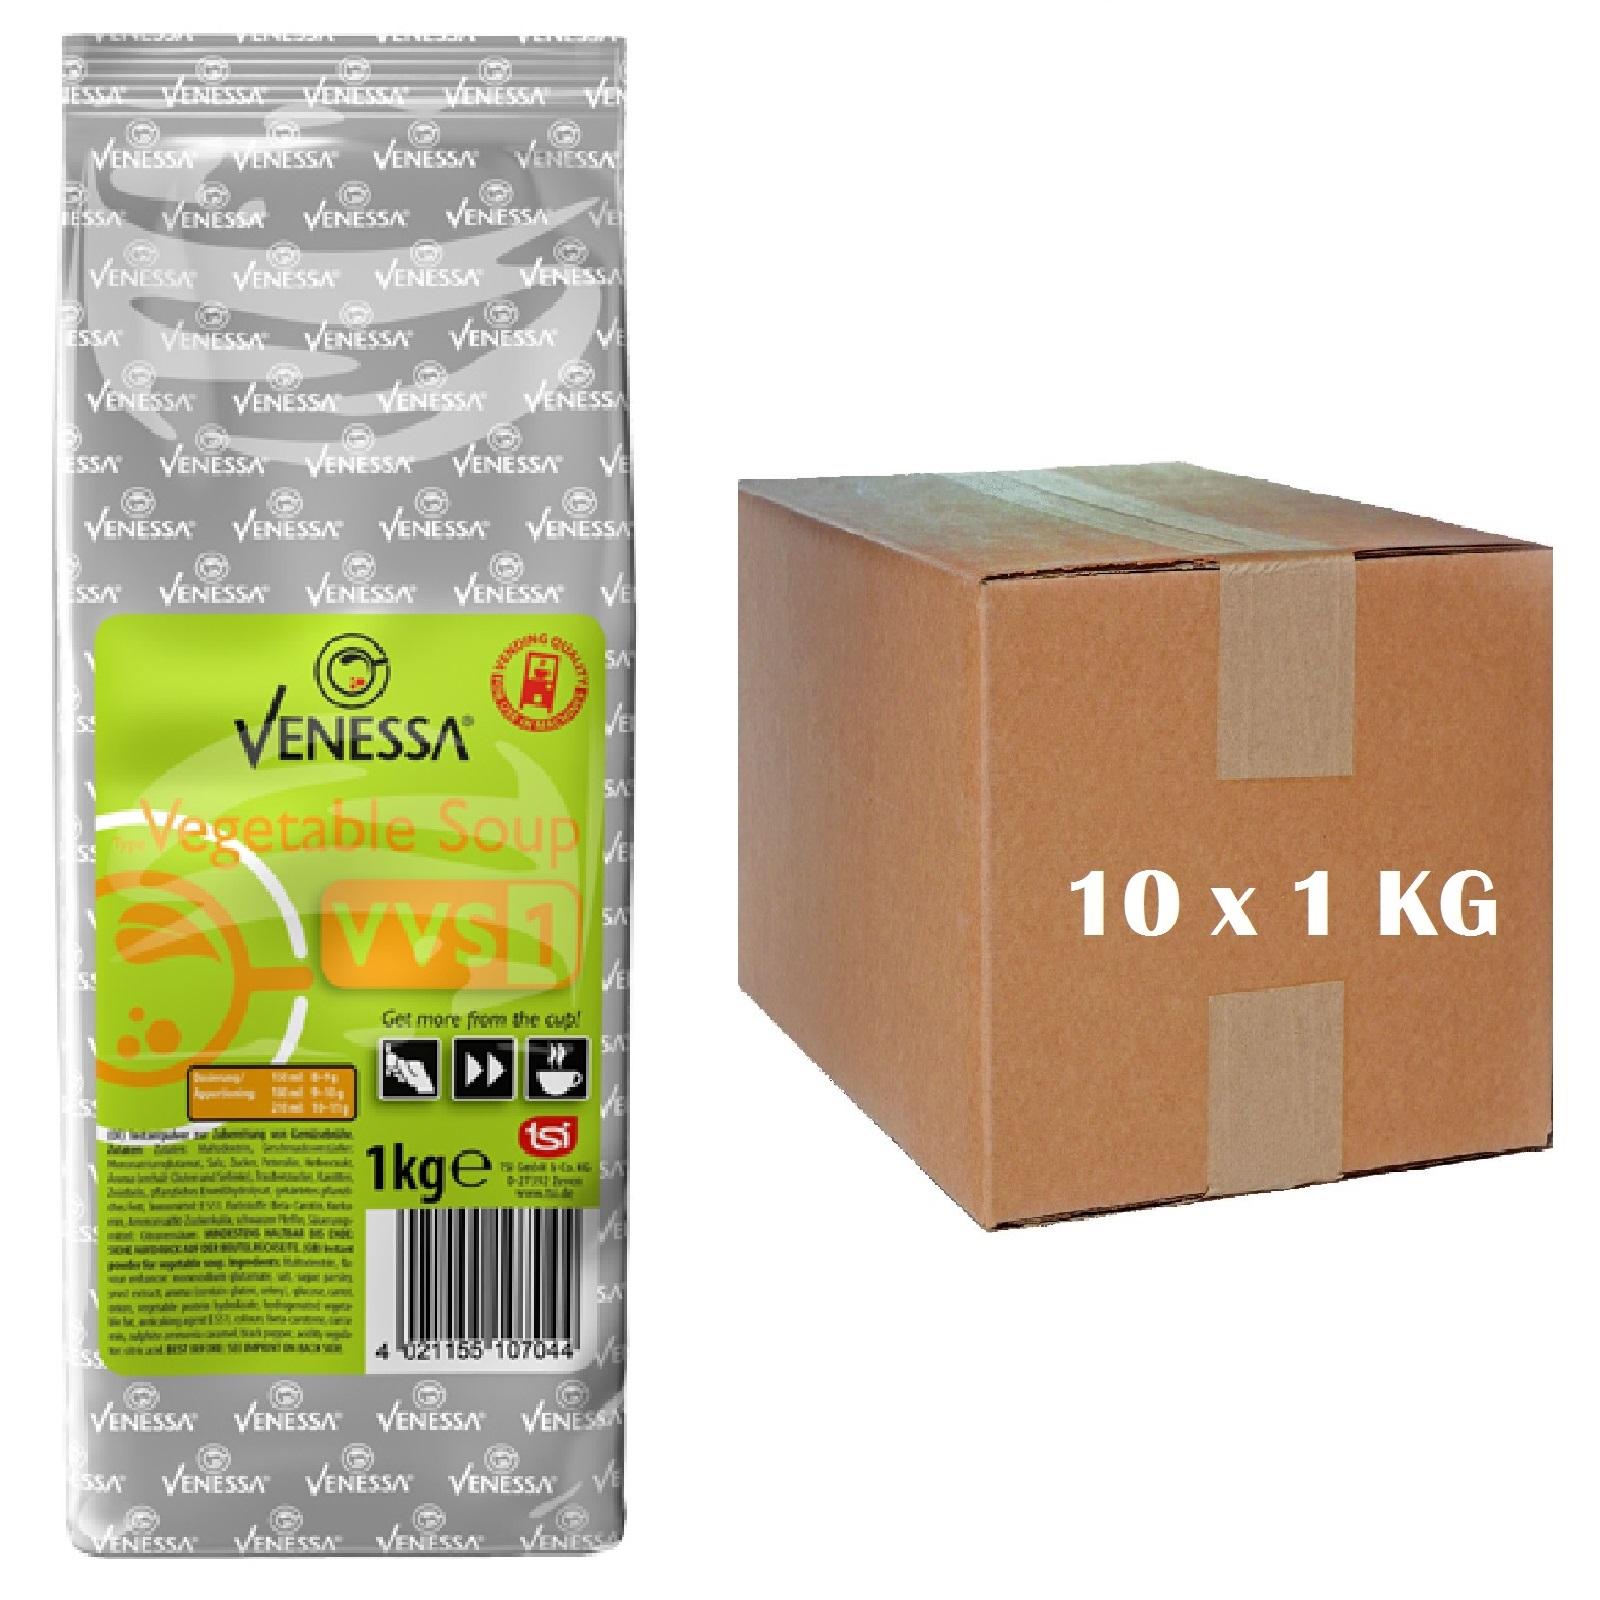 Venessa Vegetable Soup VVS1 Gemüsesuppe 10 x 1kg für Automaten